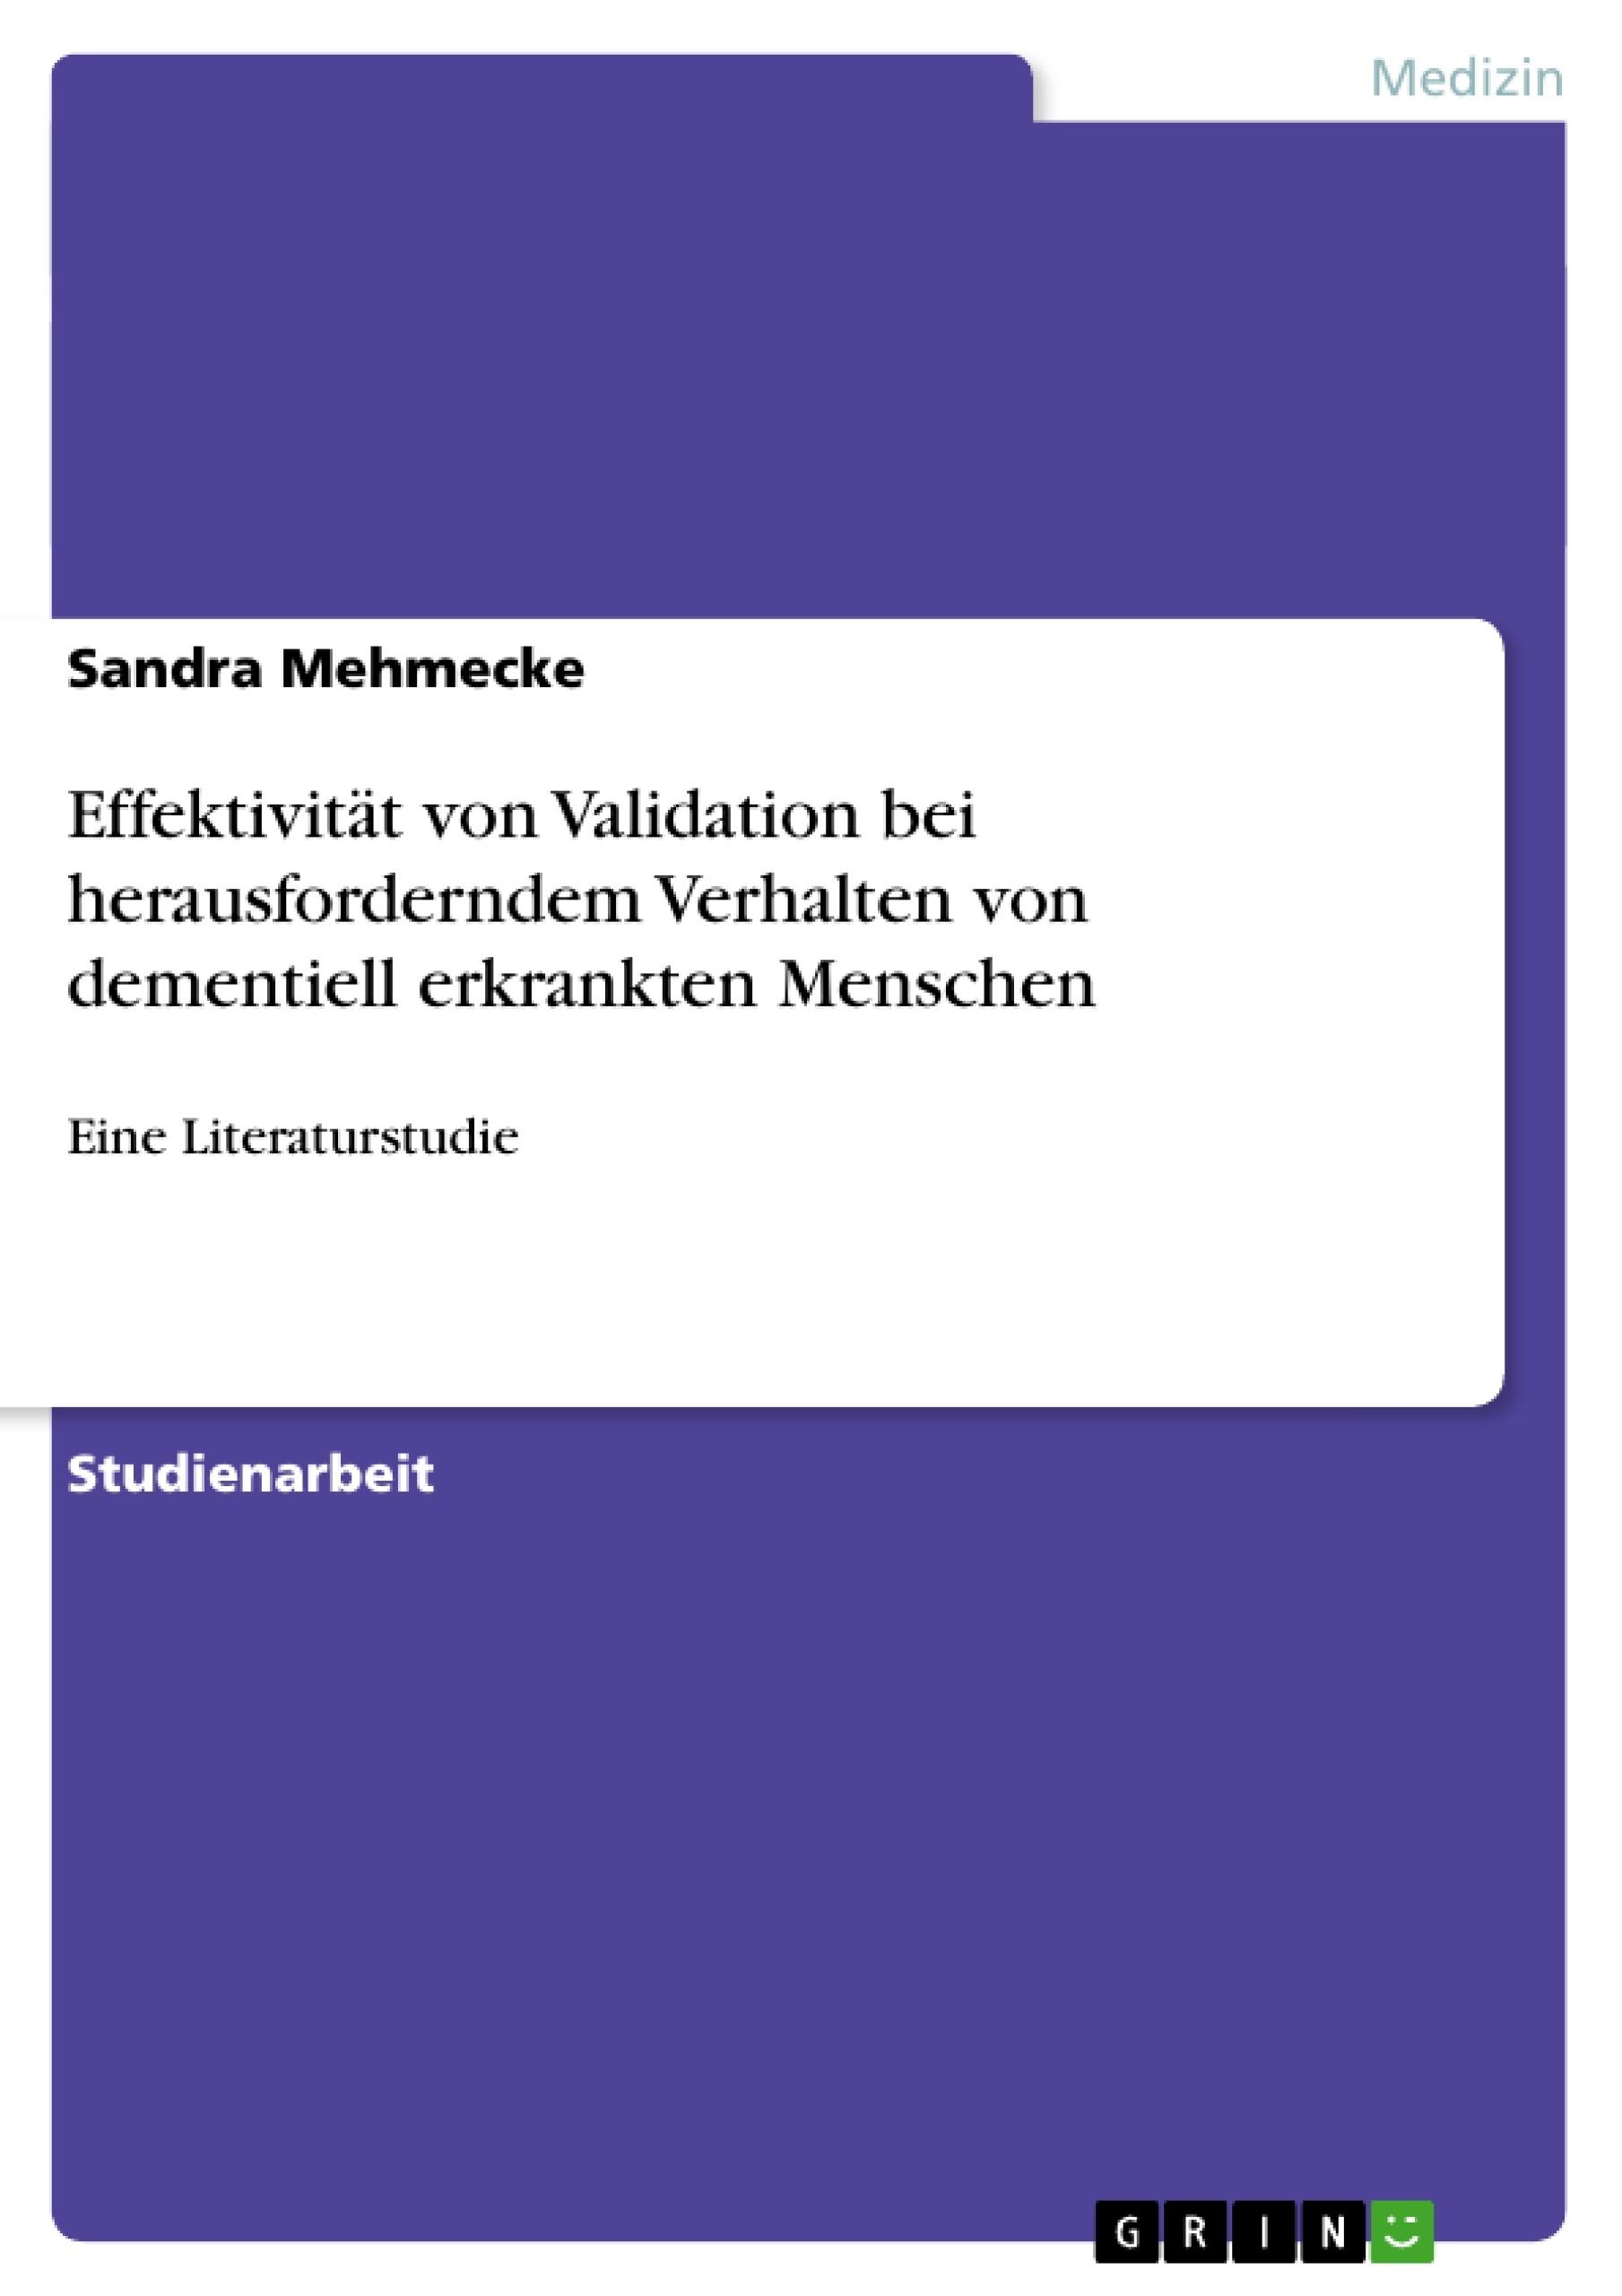 Titel: Effektivität von Validation bei herausforderndem Verhalten von dementiell erkrankten Menschen